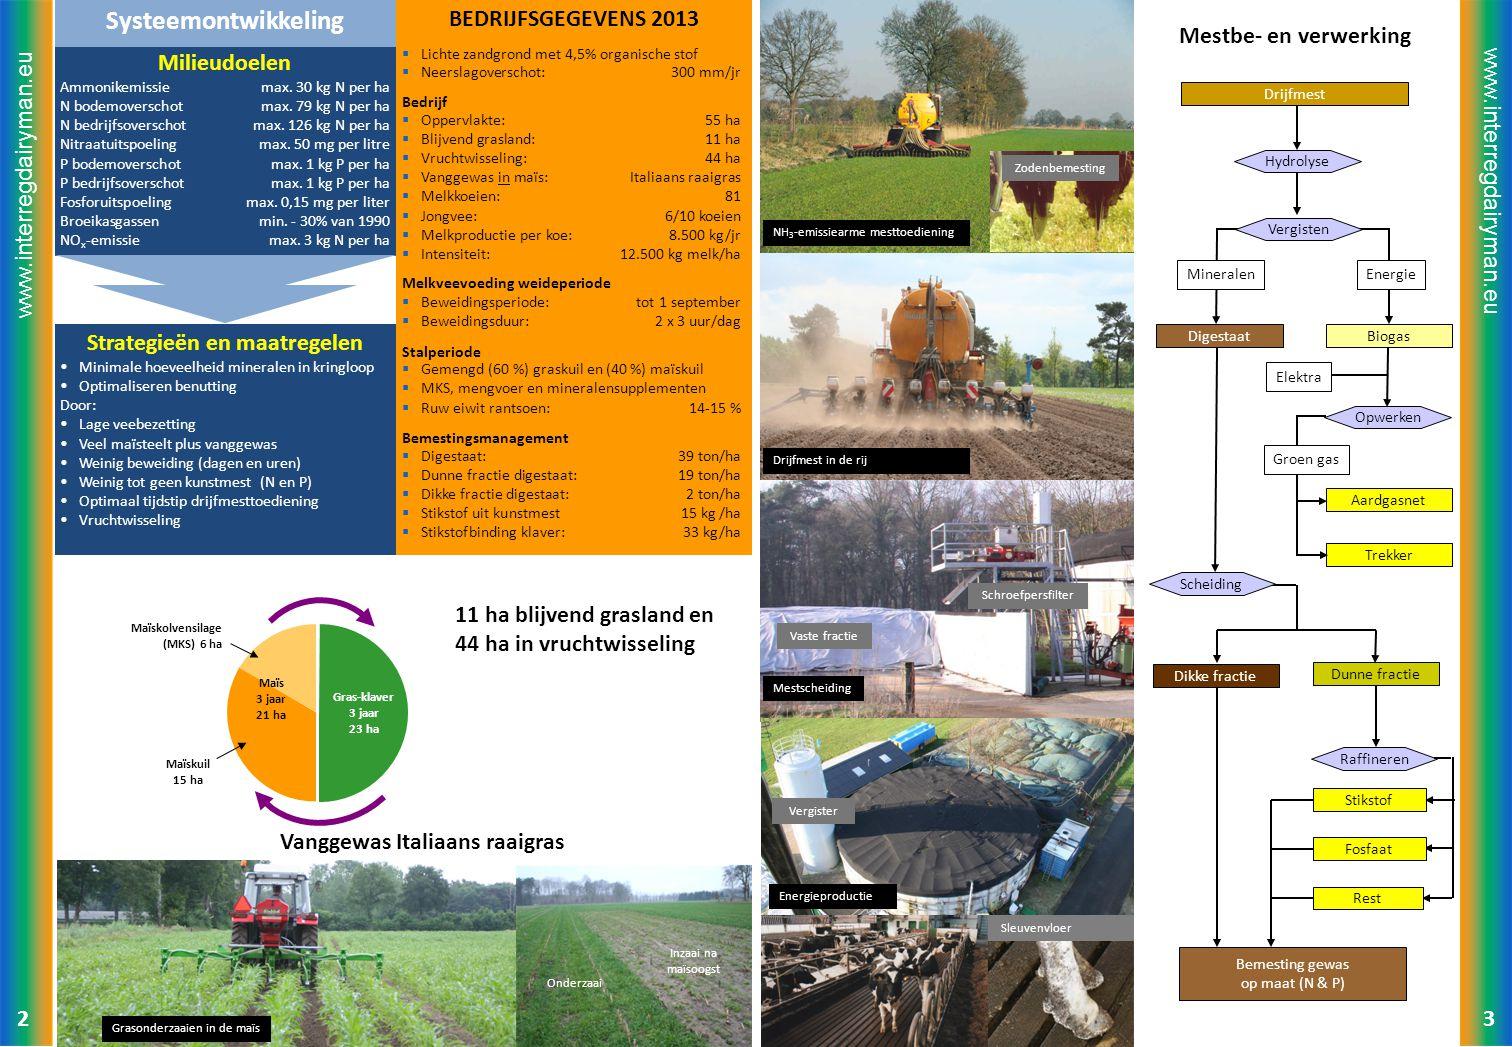 www.interregdairyman.eu BEDRIJFSGEGEVENS 2013  Lichte zandgrond met 4,5% organische stof  Neerslagoverschot: 300 mm/jr Bedrijf  Oppervlakte: 55 ha  Blijvend grasland: 11 ha  Vruchtwisseling: 44 ha  Vanggewas in maïs: Italiaans raaigras  Melkkoeien: 81  Jongvee: 6/10 koeien  Melkproductie per koe: 8.500 kg/jr  Intensiteit: 12.500 kg melk/ha Melkveevoeding weideperiode  Beweidingsperiode: tot 1 september  Beweidingsduur: 2 x 3 uur/dag Stalperiode  Gemengd (60 %) graskuil en (40 %) maïskuil  MKS, mengvoer en mineralensupplementen  Ruw eiwit rantsoen:14-15 % Bemestingsmanagement  Digestaat: 39 ton/ha  Dunne fractie digestaat: 19 ton/ha  Dikke fractie digestaat: 2 ton/ha  Stikstof uit kunstmest15 kg /ha  Stikstofbinding klaver: 33 kg/ha Milieudoelen Ammonikemissiemax.